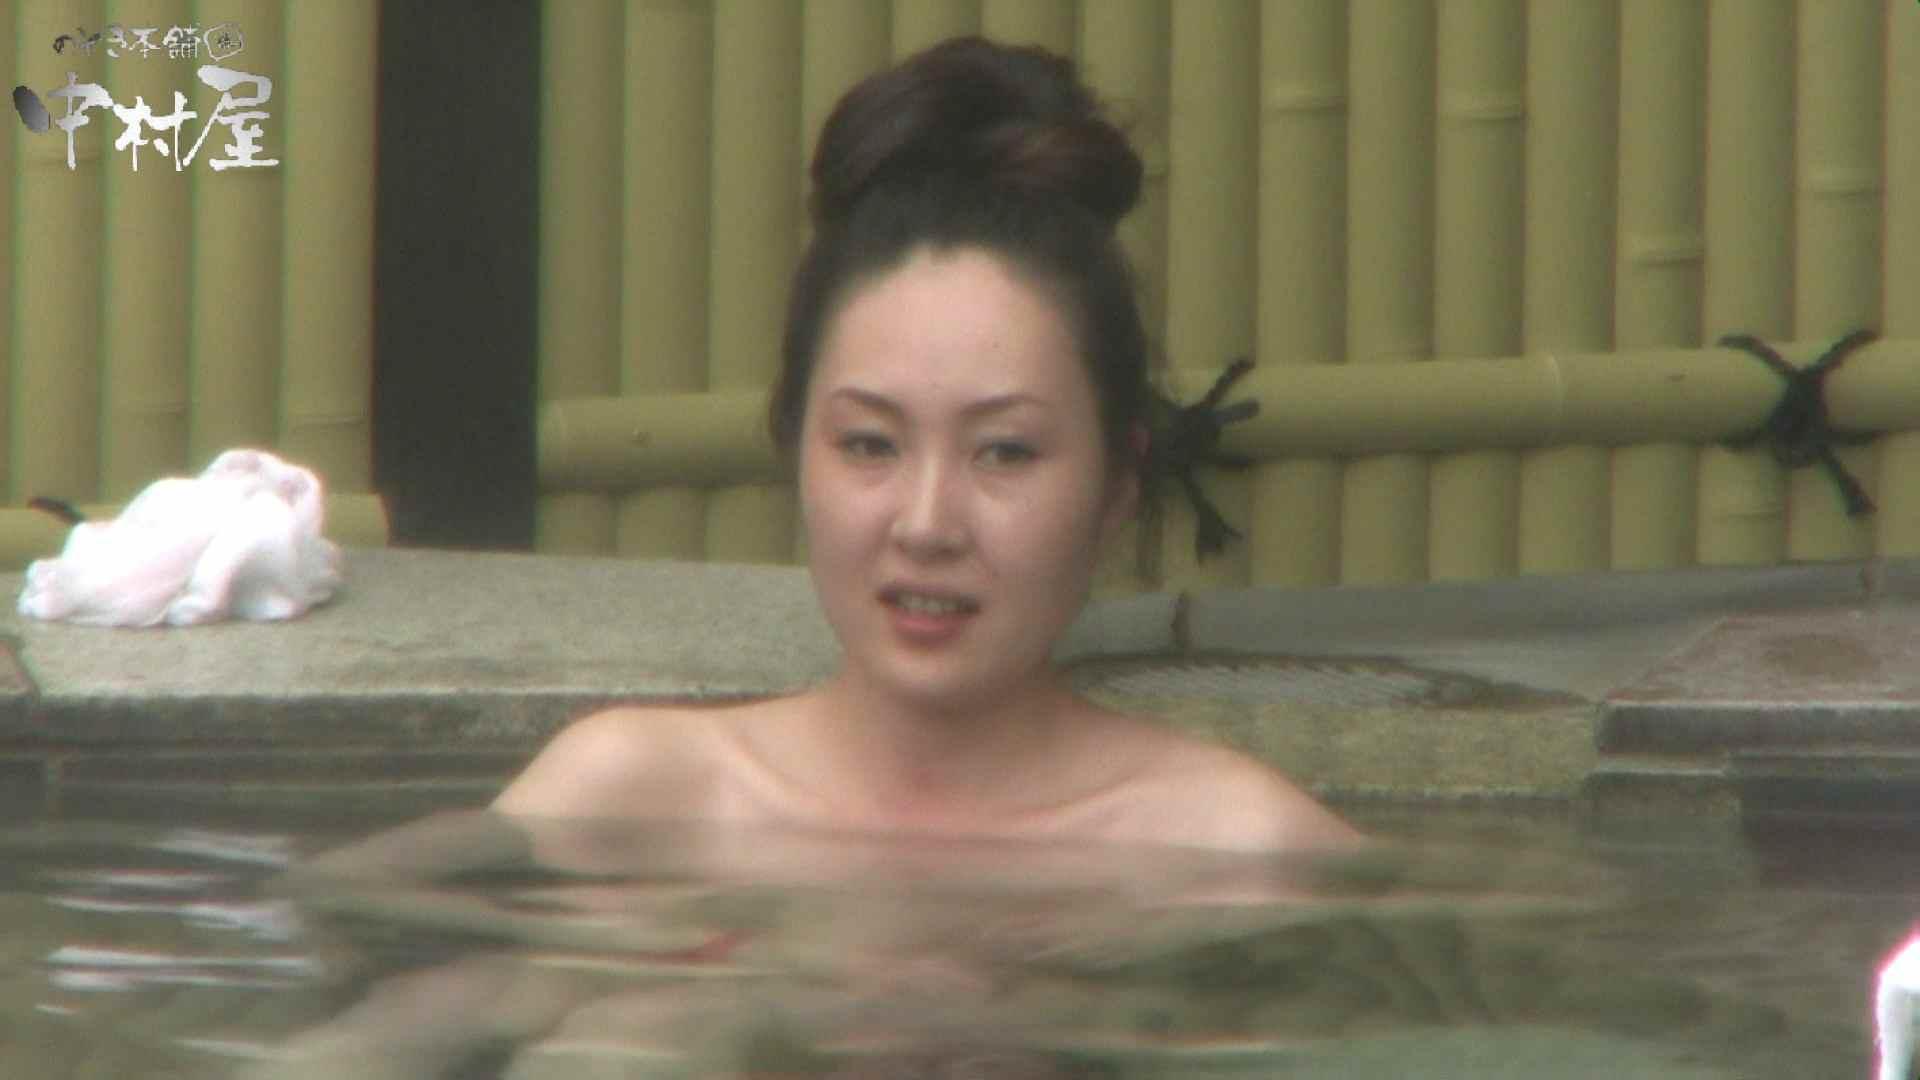 Aquaな露天風呂Vol.956 露天風呂 | 盗撮動画  10枚 5